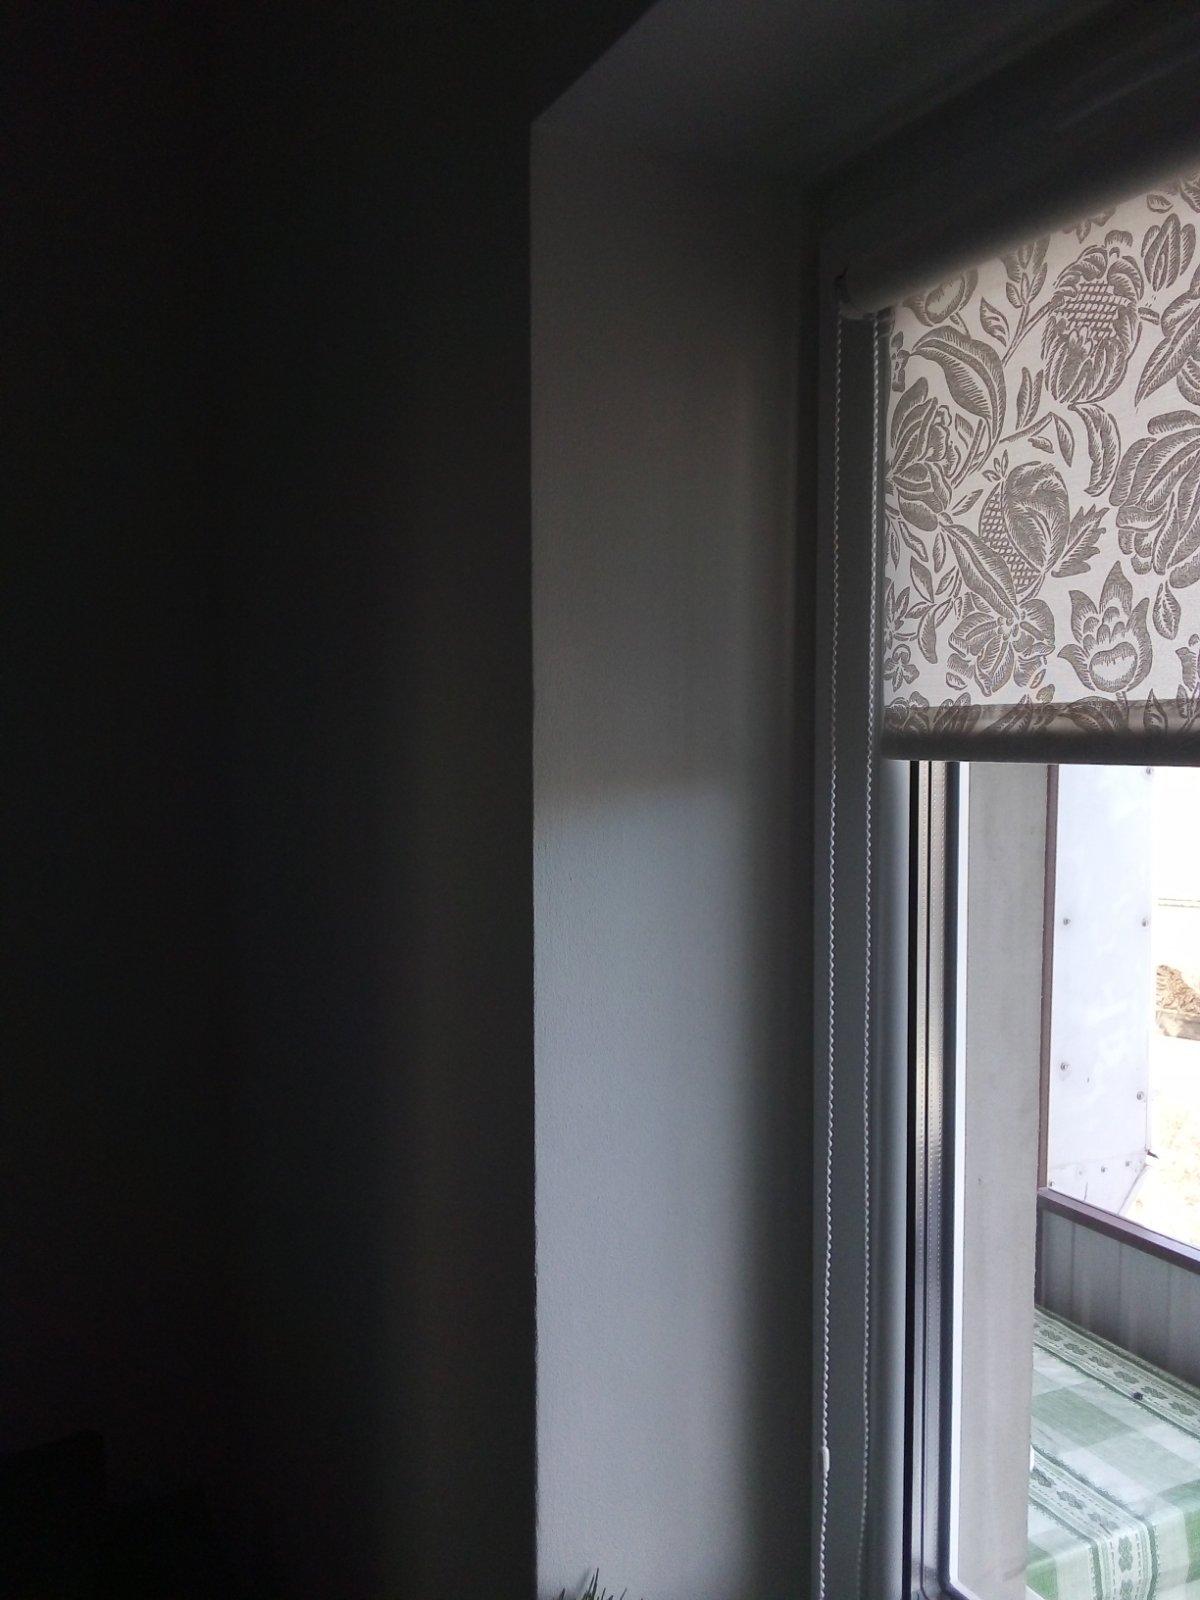 Фото Работа смарт квартирой (Эконом) 7 раб. дней